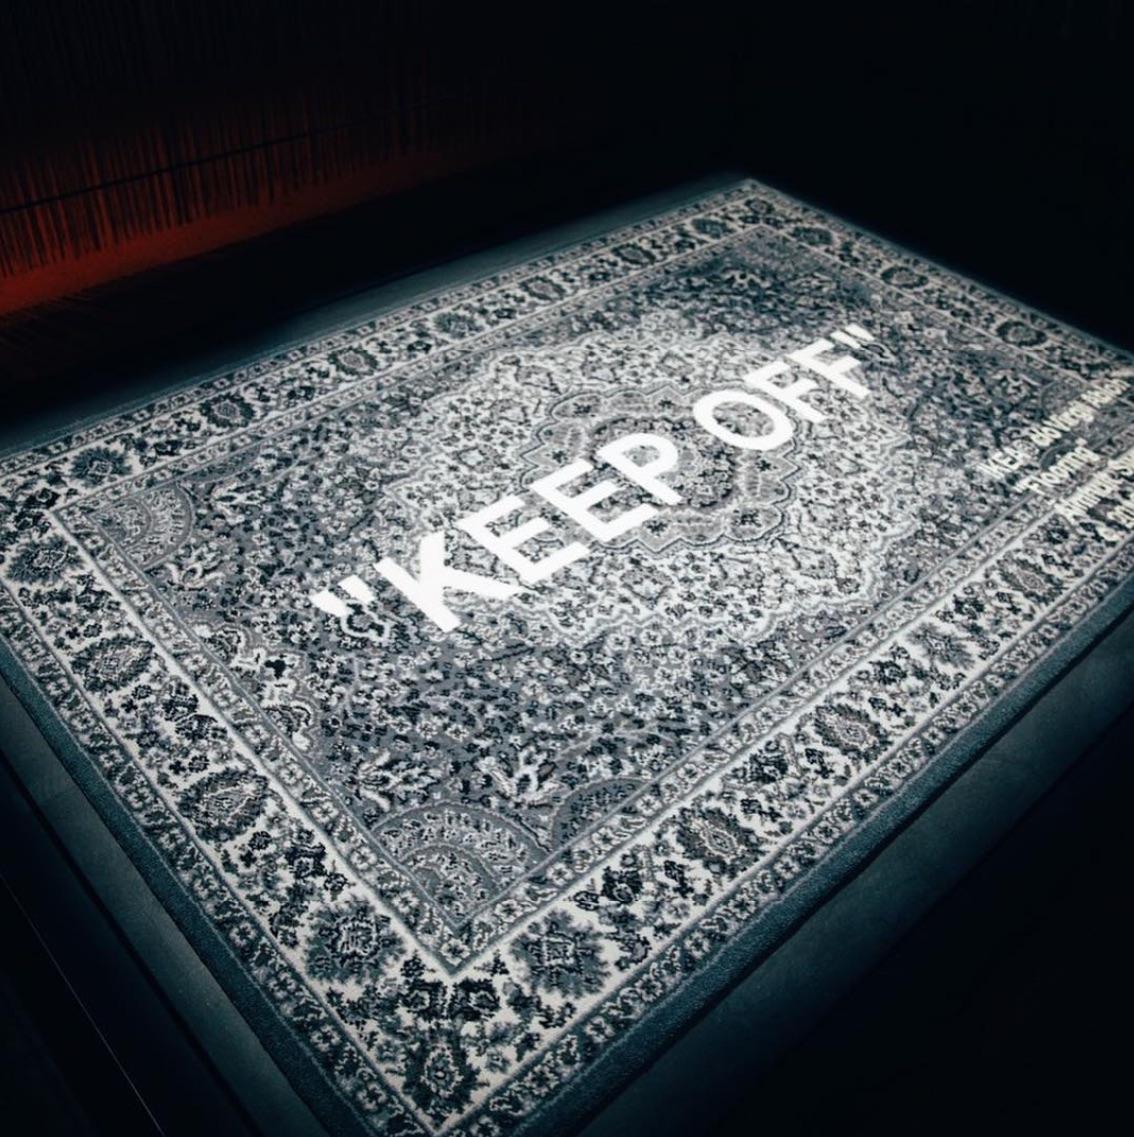 ヴァージル・アブローを含む7人の世界的デザイナーのラグコレクションが販売決定